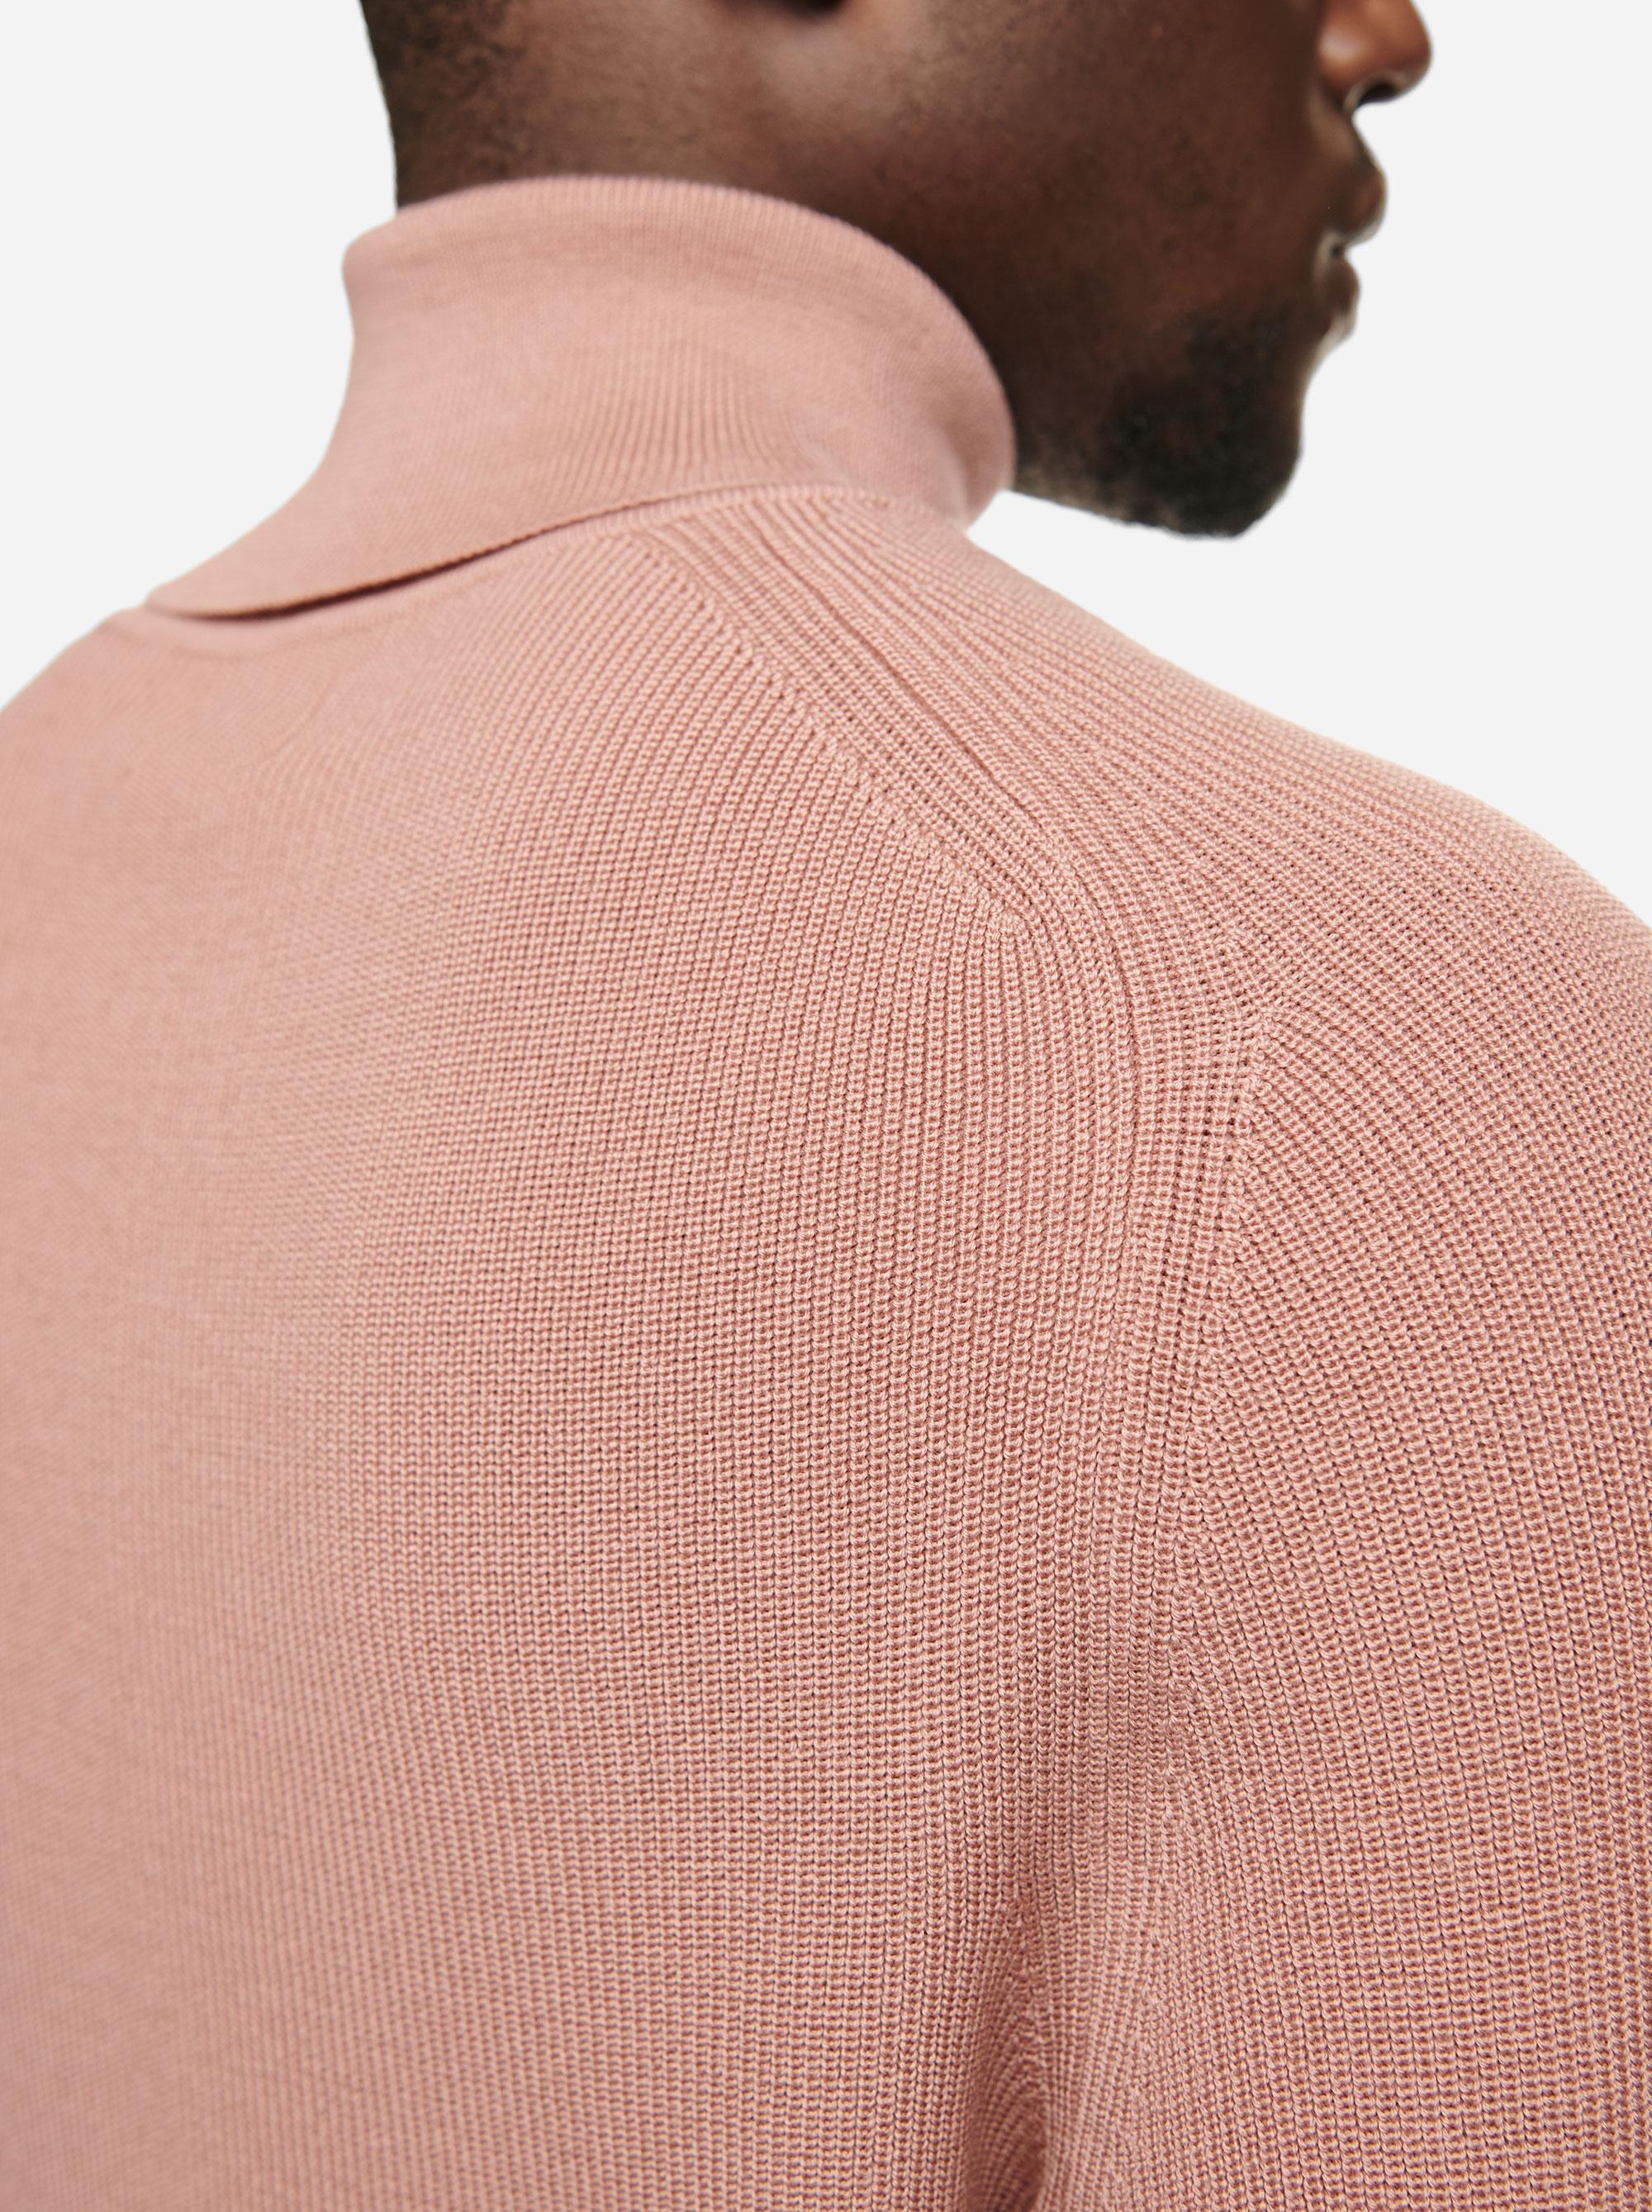 Teym - Turtleneck - The Merino Sweater - Men - Pink - 3